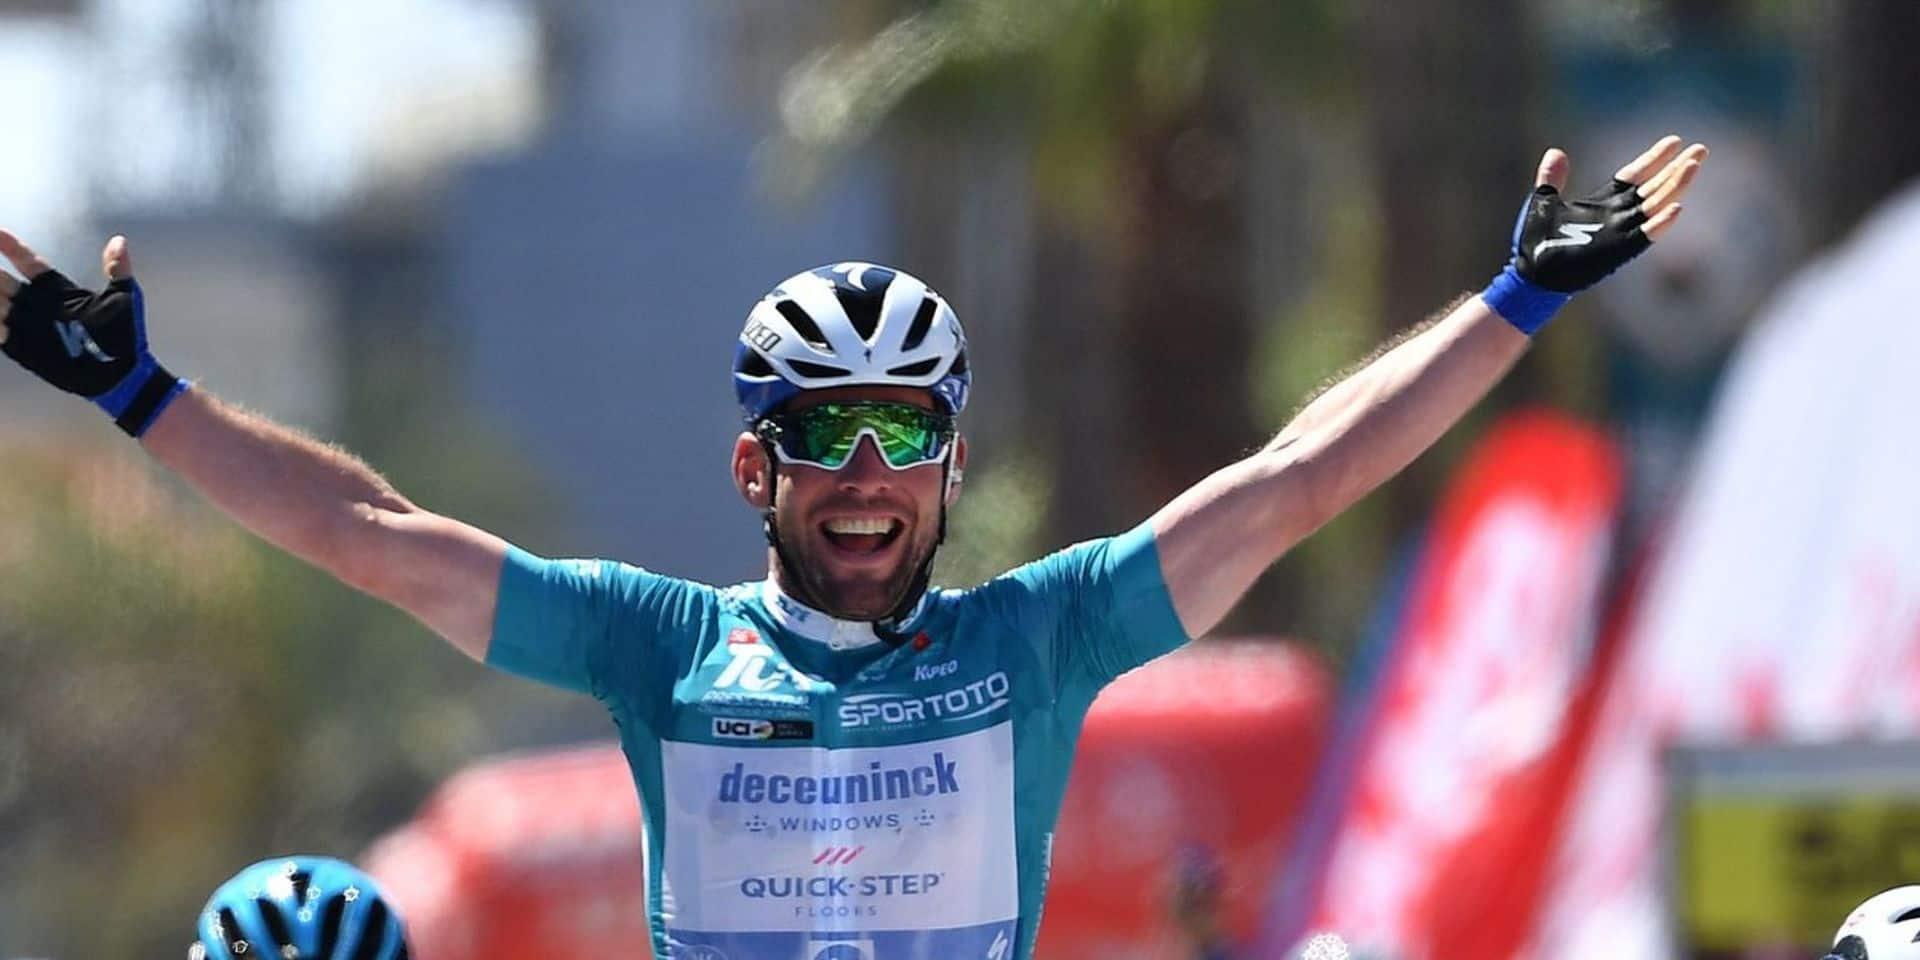 Tour de Turquie: trois à la suite pour Cavendish sur la 4e étape, 800e victoire pour Deceuninck-Quick Step